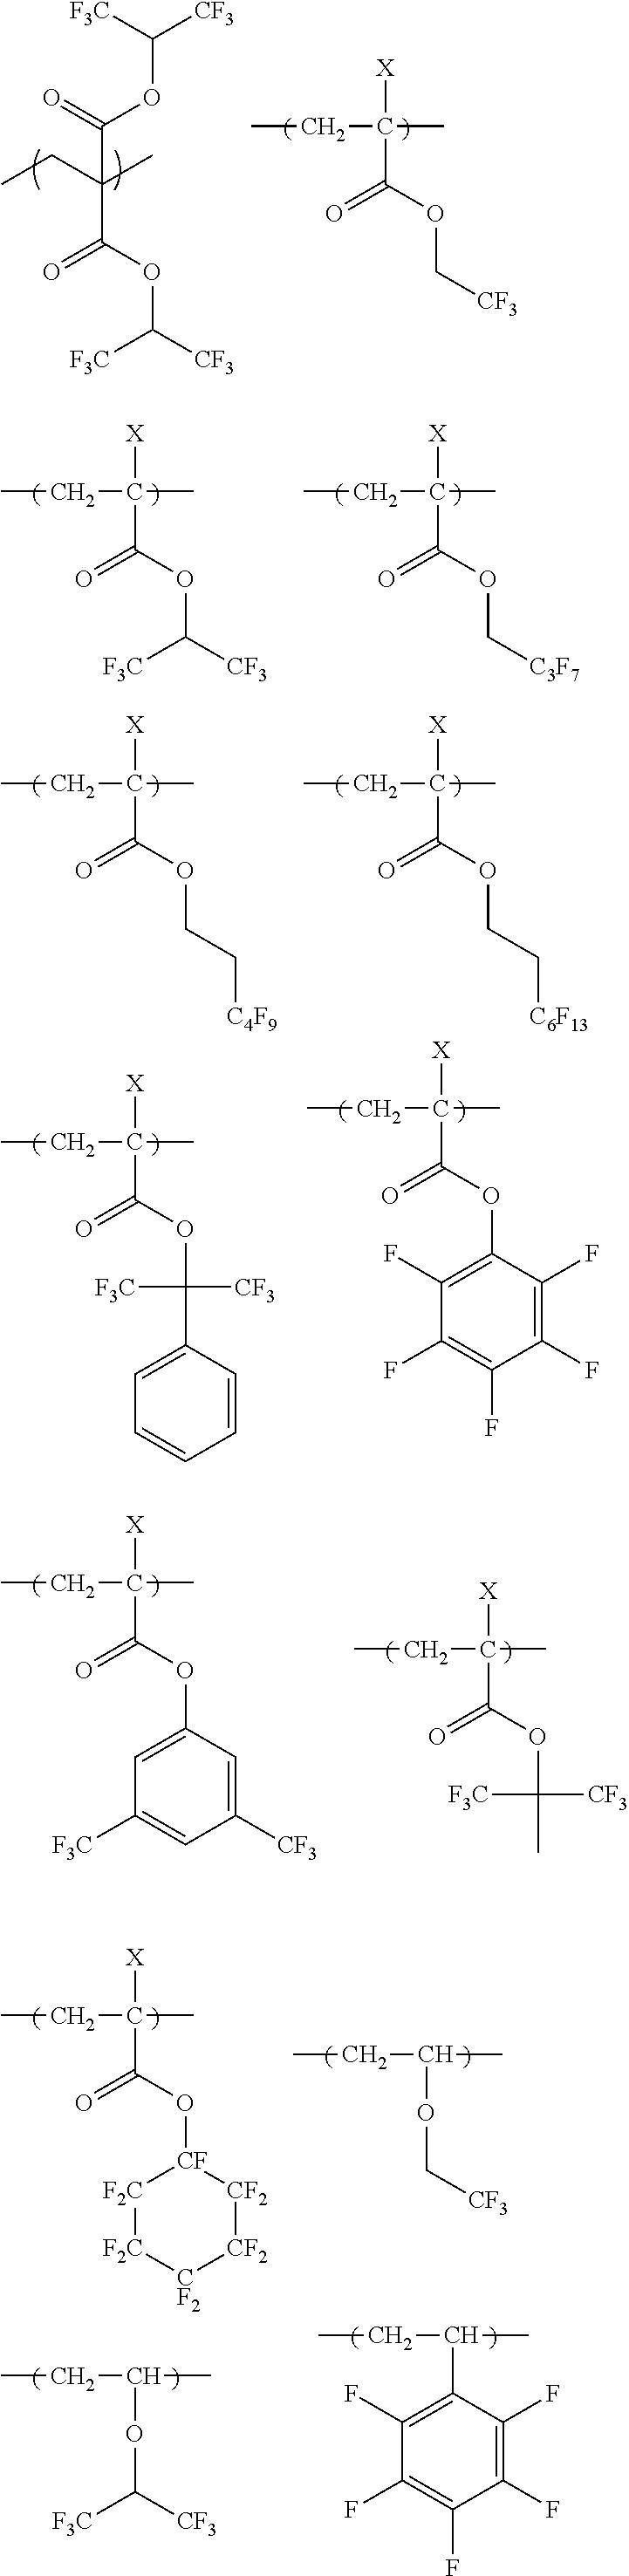 Figure US08017298-20110913-C00067